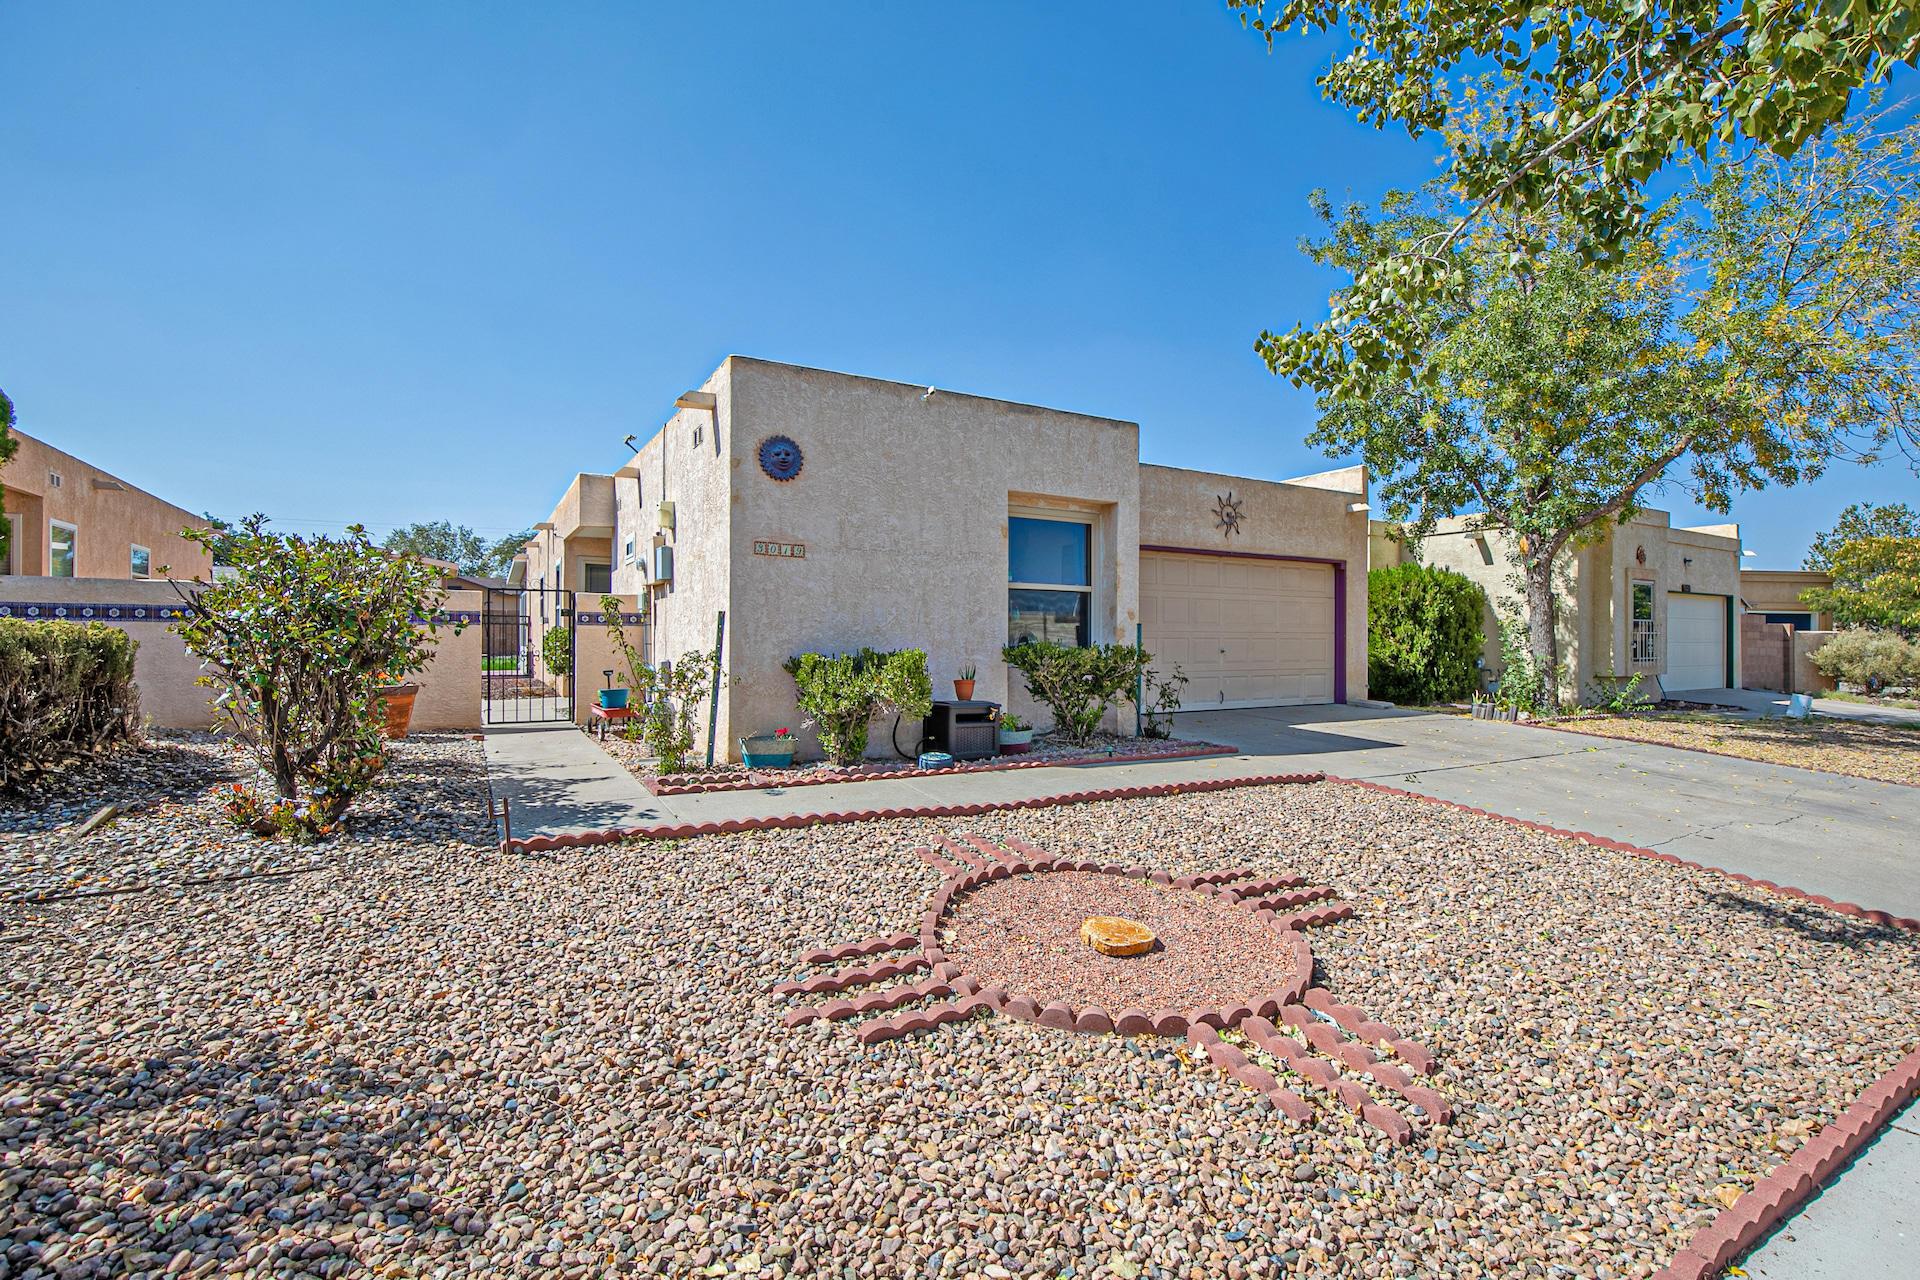 3019 DIAMANTES, Albuquerque NM 87120